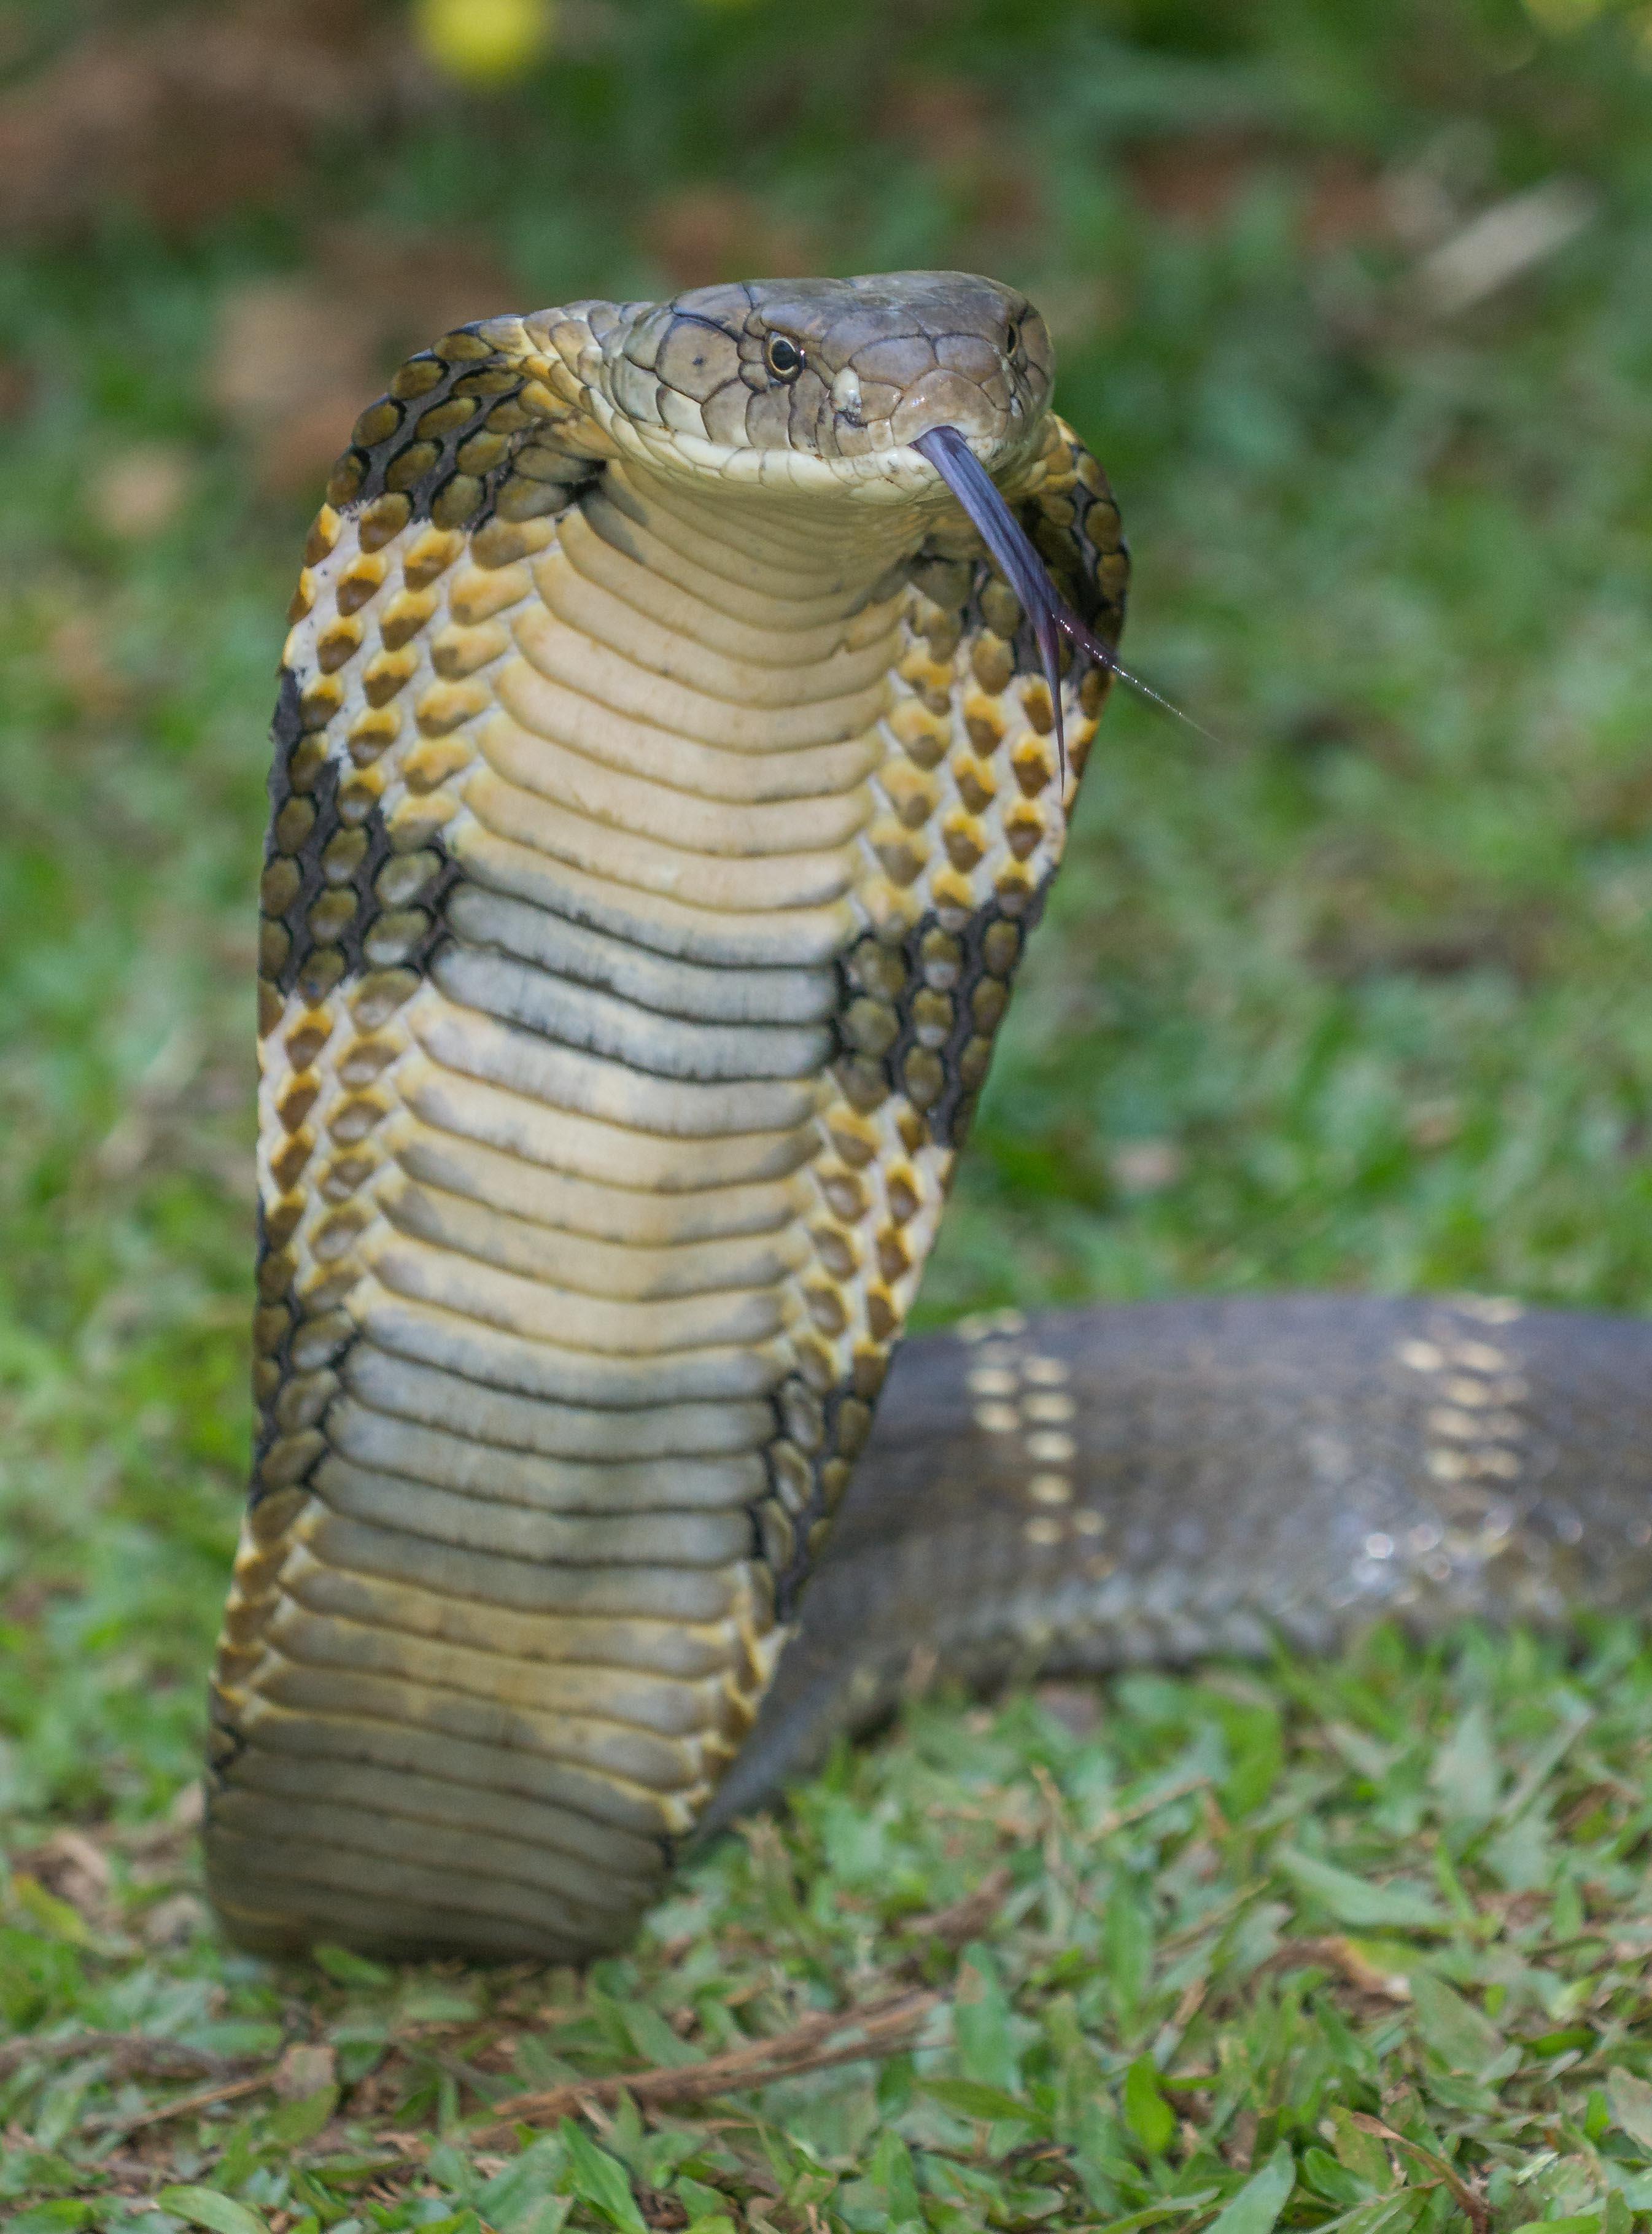 Giant king cobra snake